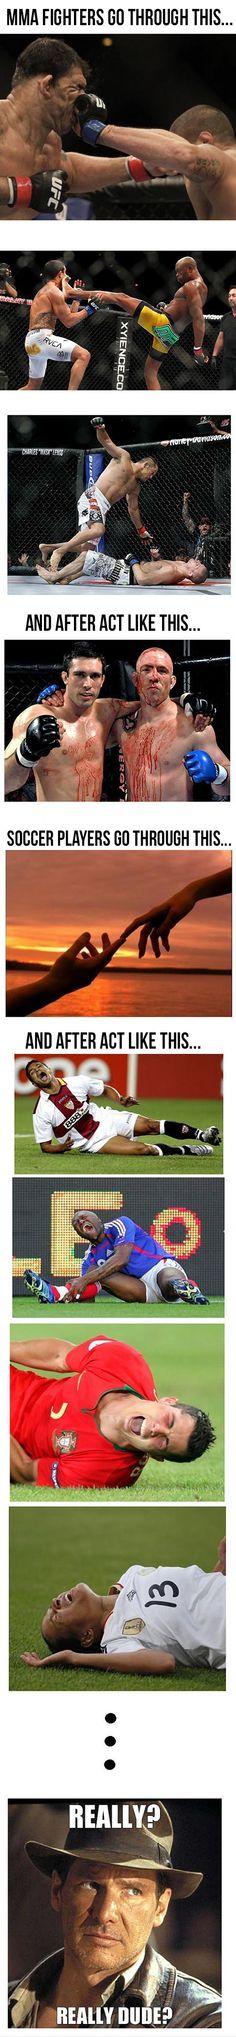 MMA vs. Soccer.